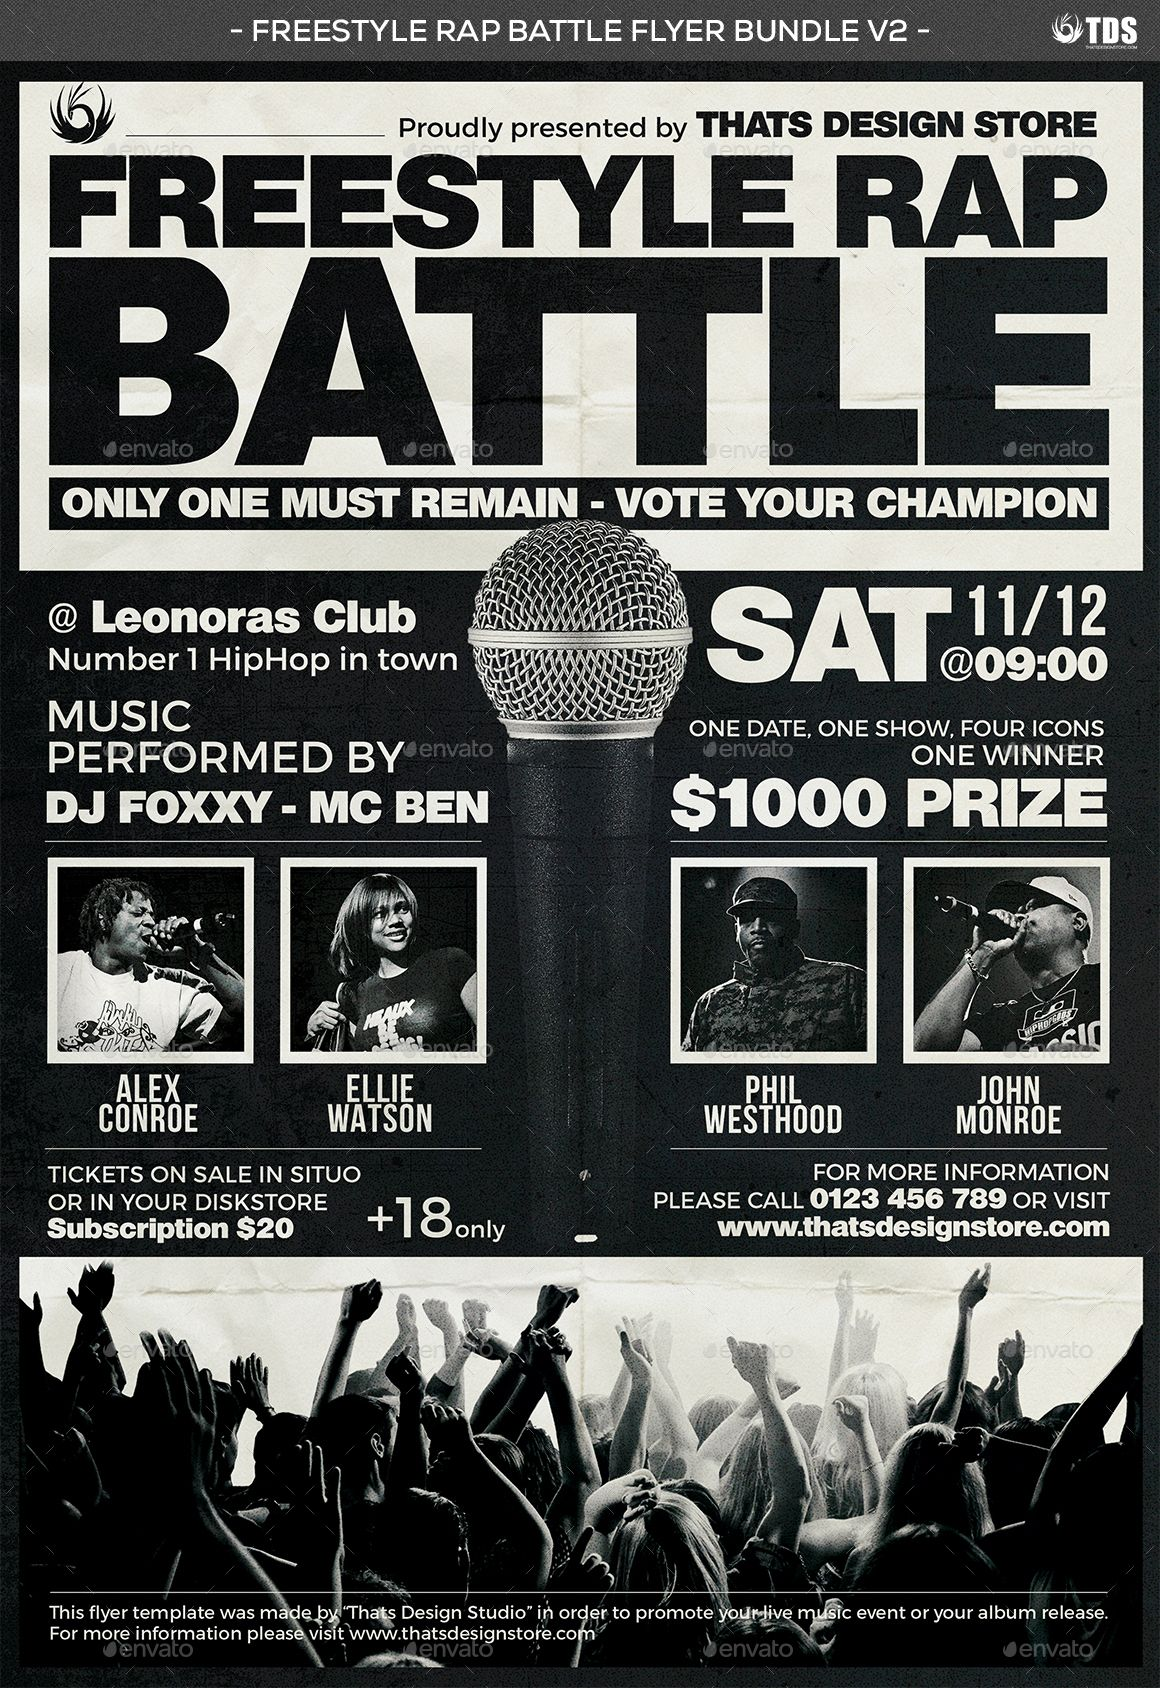 Carte De Visite Freestyle Rap Battle Flyer Bundle V2